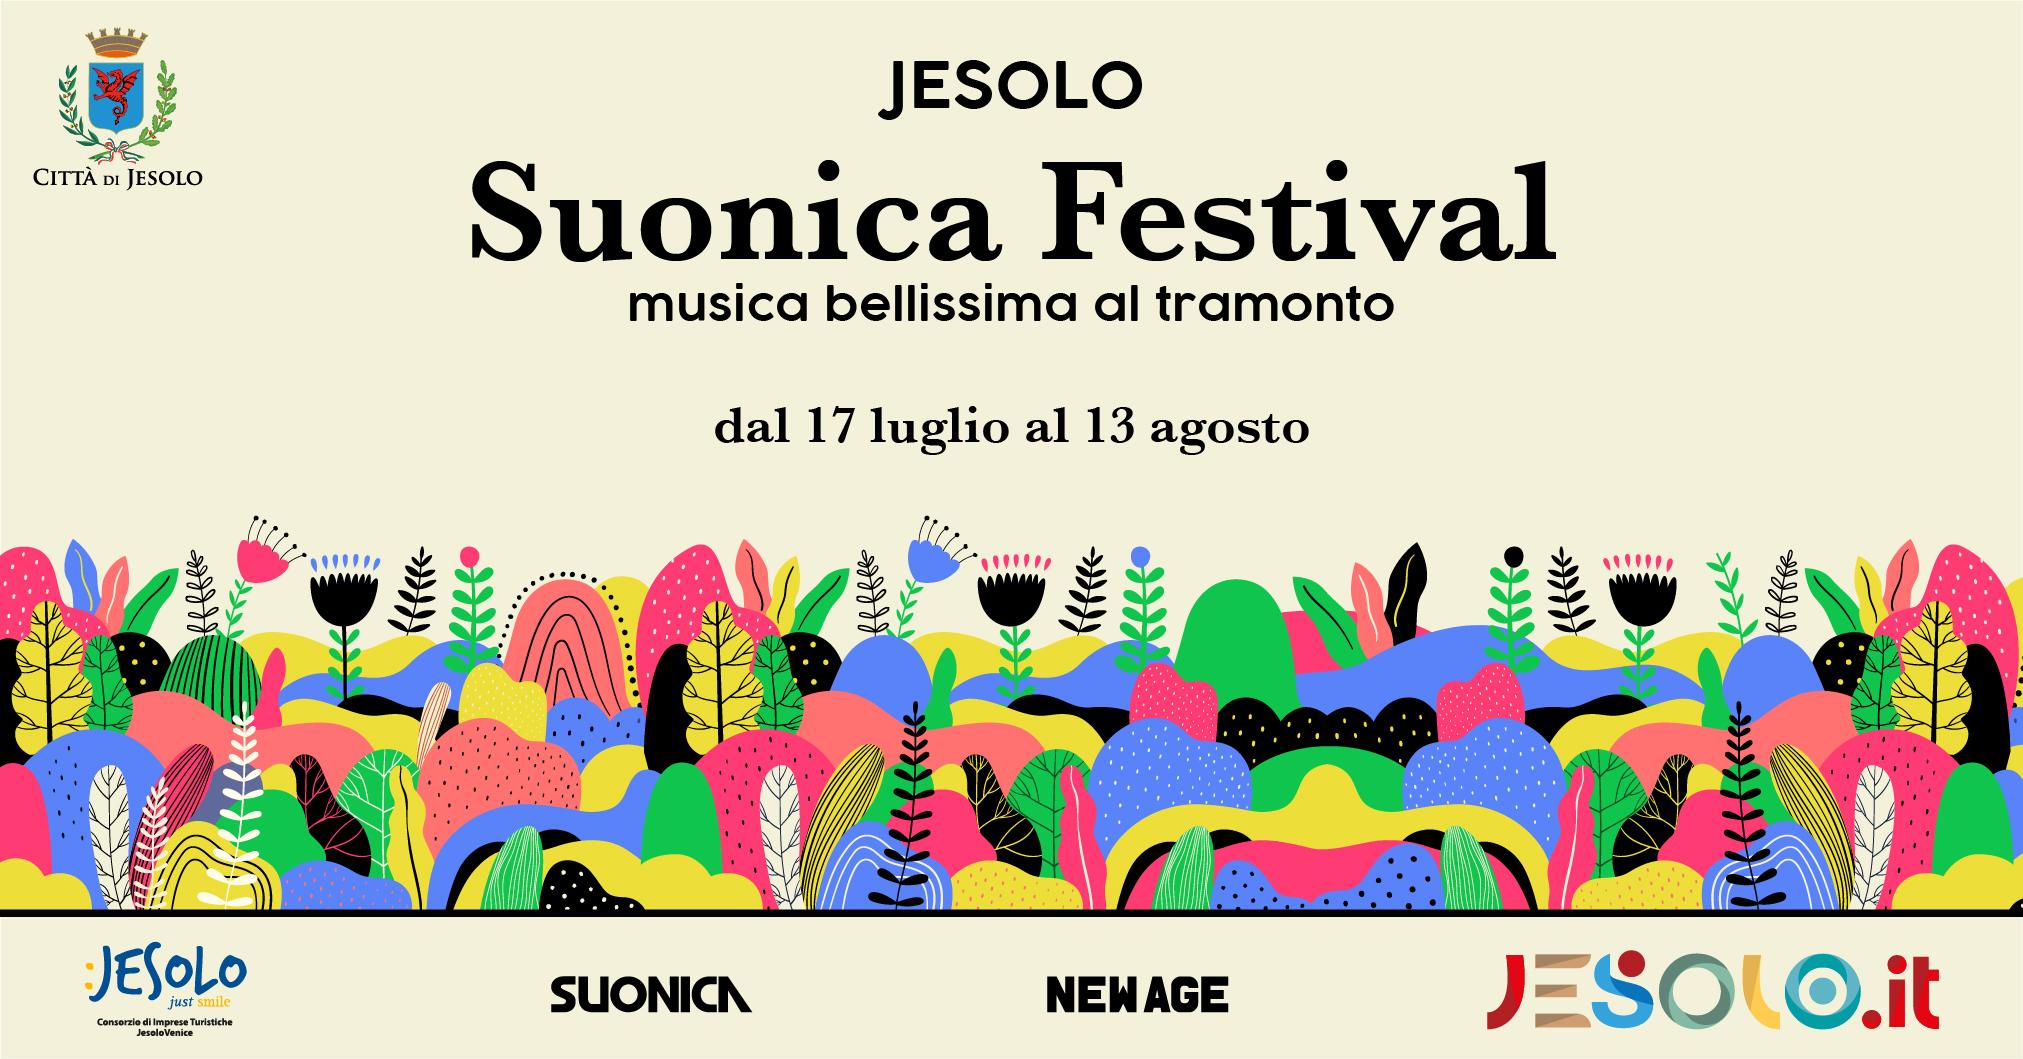 Jesolo Suonica Festival